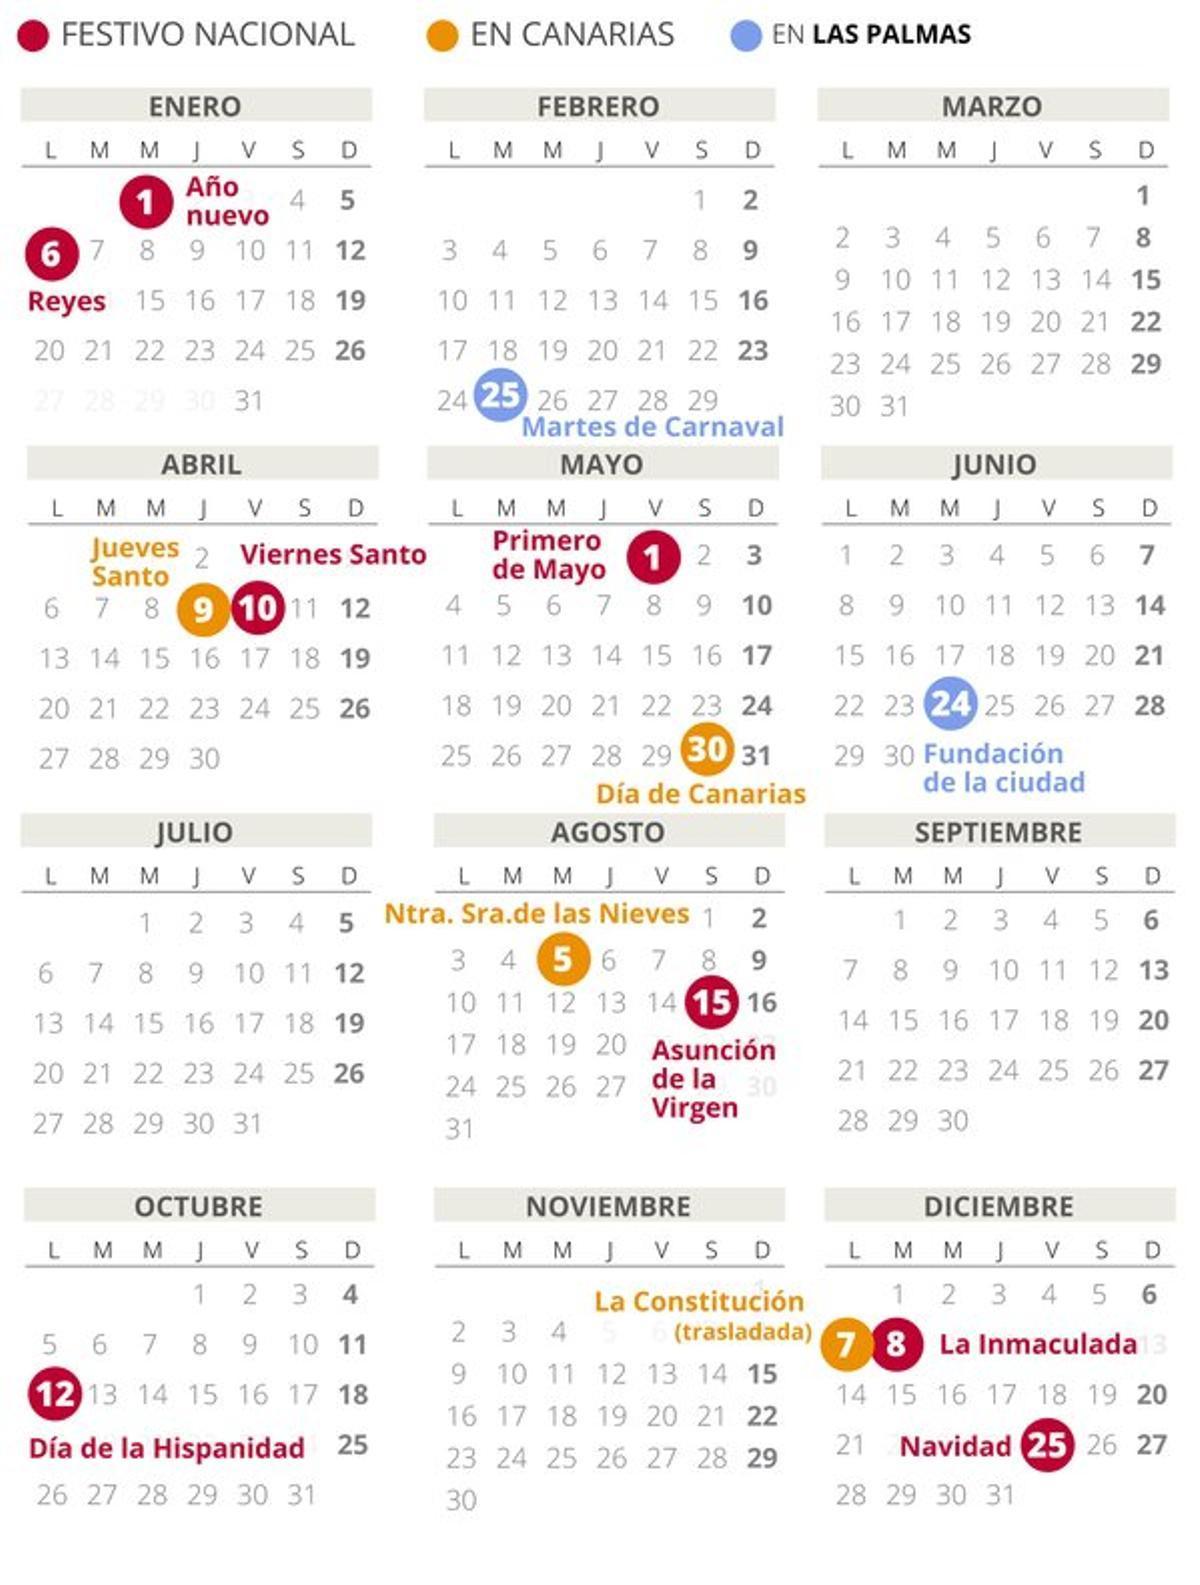 Calendario Laboral De Las Palmas Del 2020 Con Todos Los Festivos